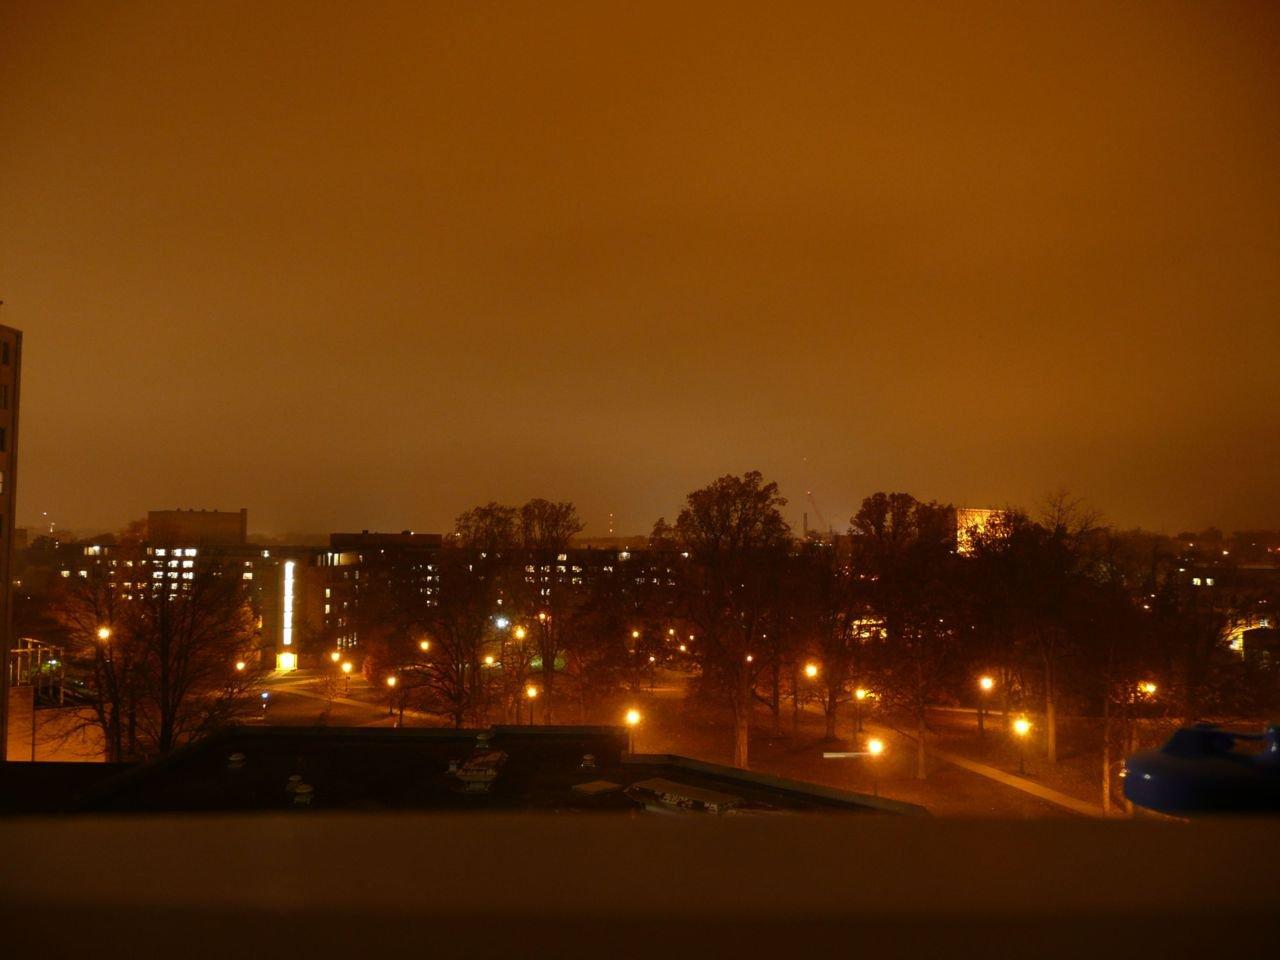 Vooral vleermuizen ondervinden hinder van de lichtvervuiling. (foto: Hendrik Moeremans)